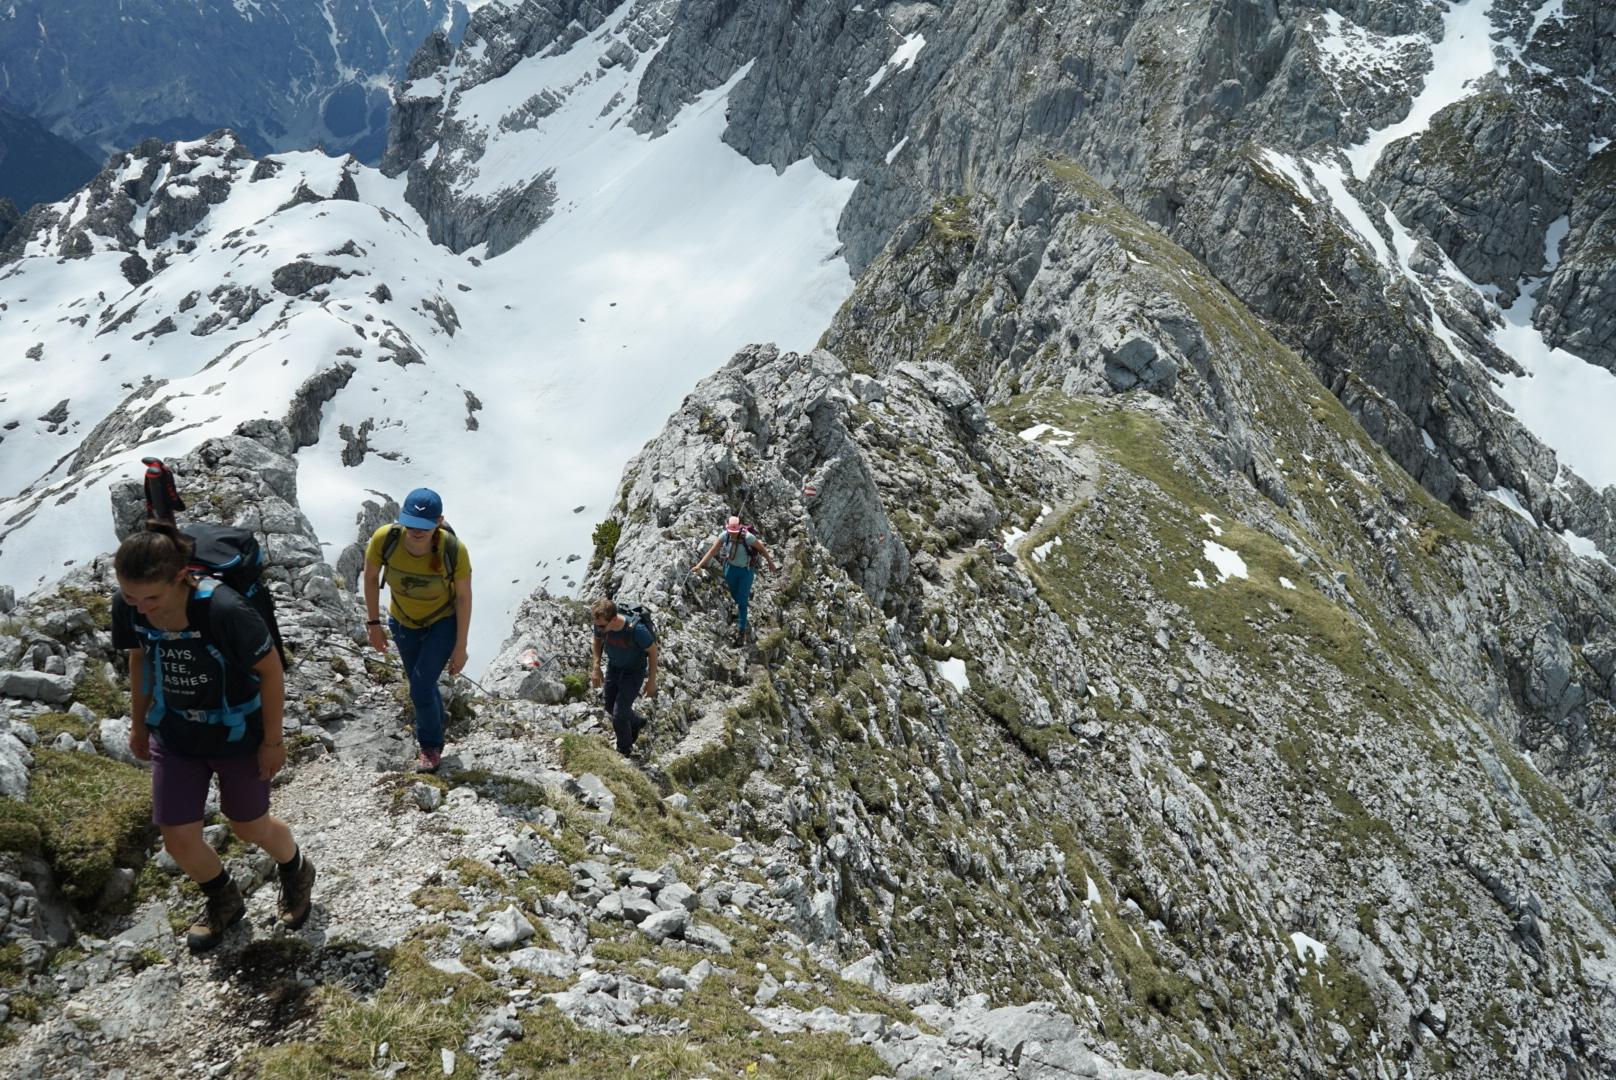 schaertenspitze-tourentipp-berchtesgaden